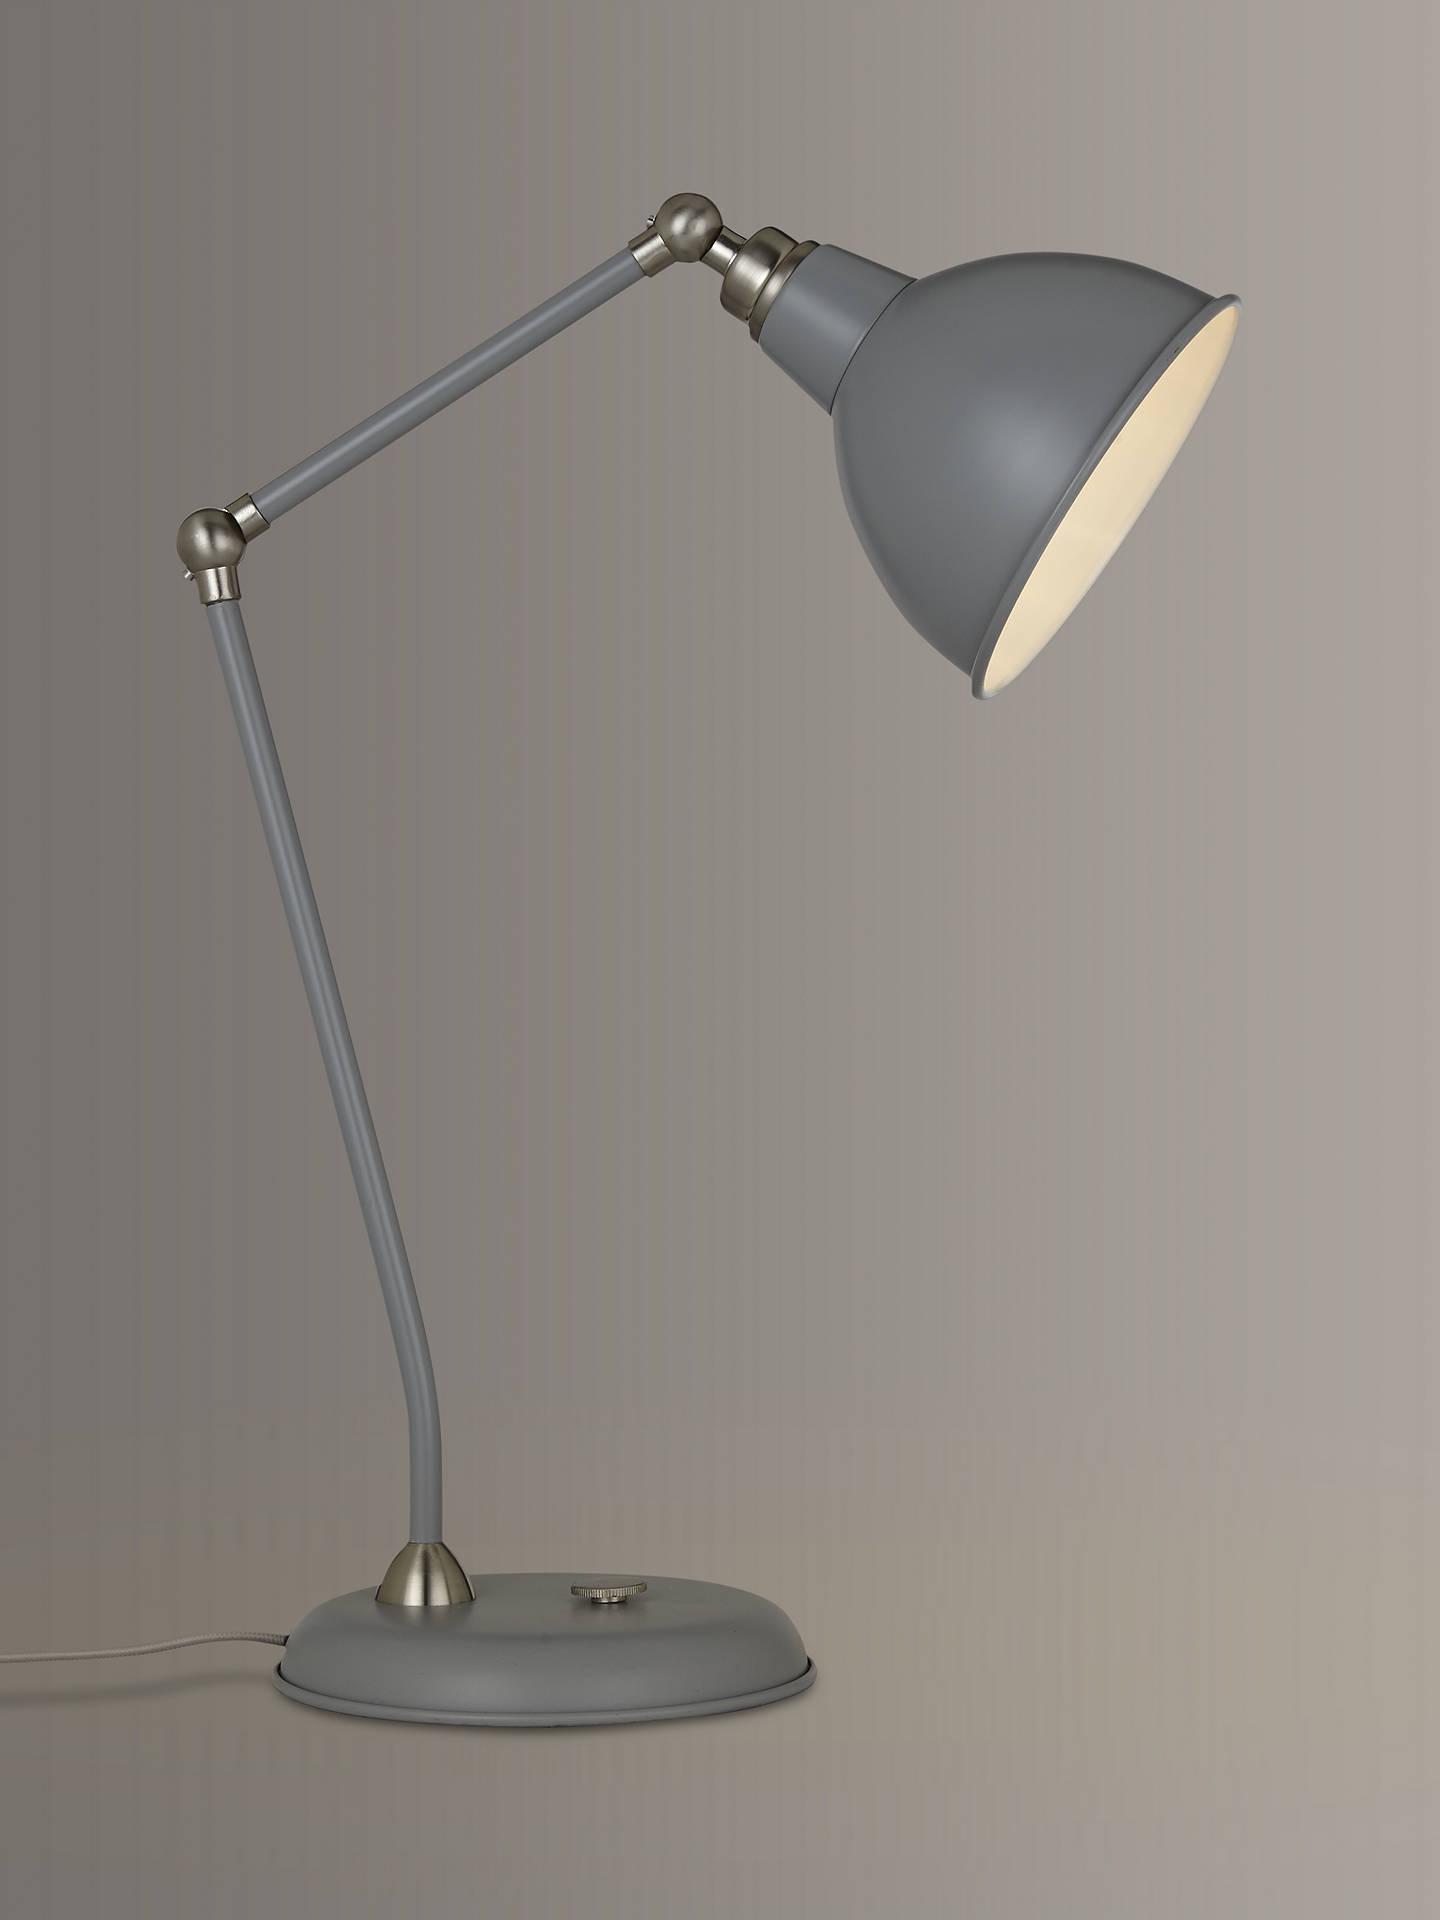 Buy Satin Nickel Table Top Lamp | Buy